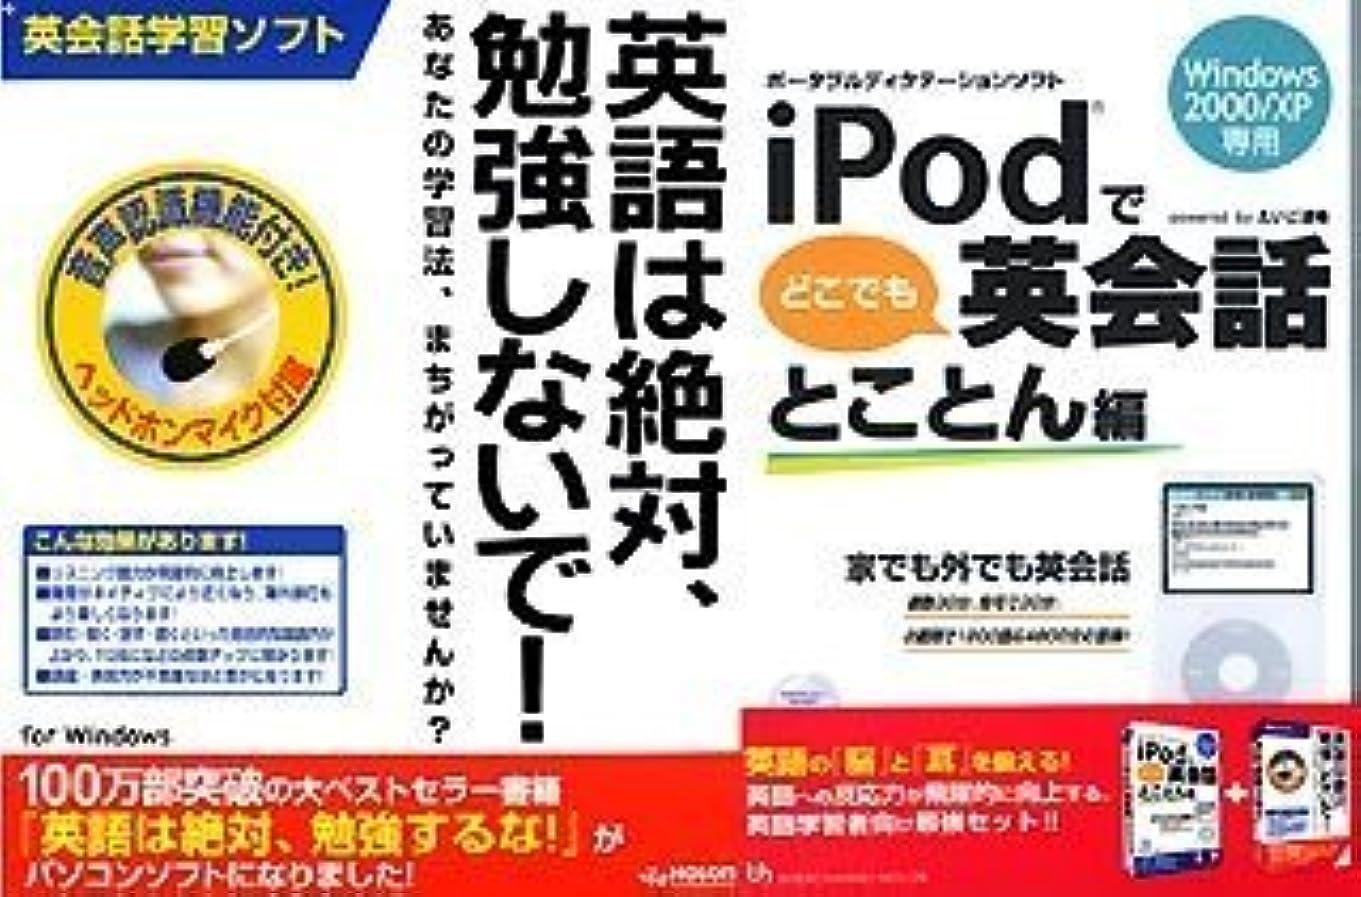 ストロークセール作者「iPodでどこでも英会話 とことん編」「英語は絶対、勉強しないで!」パック